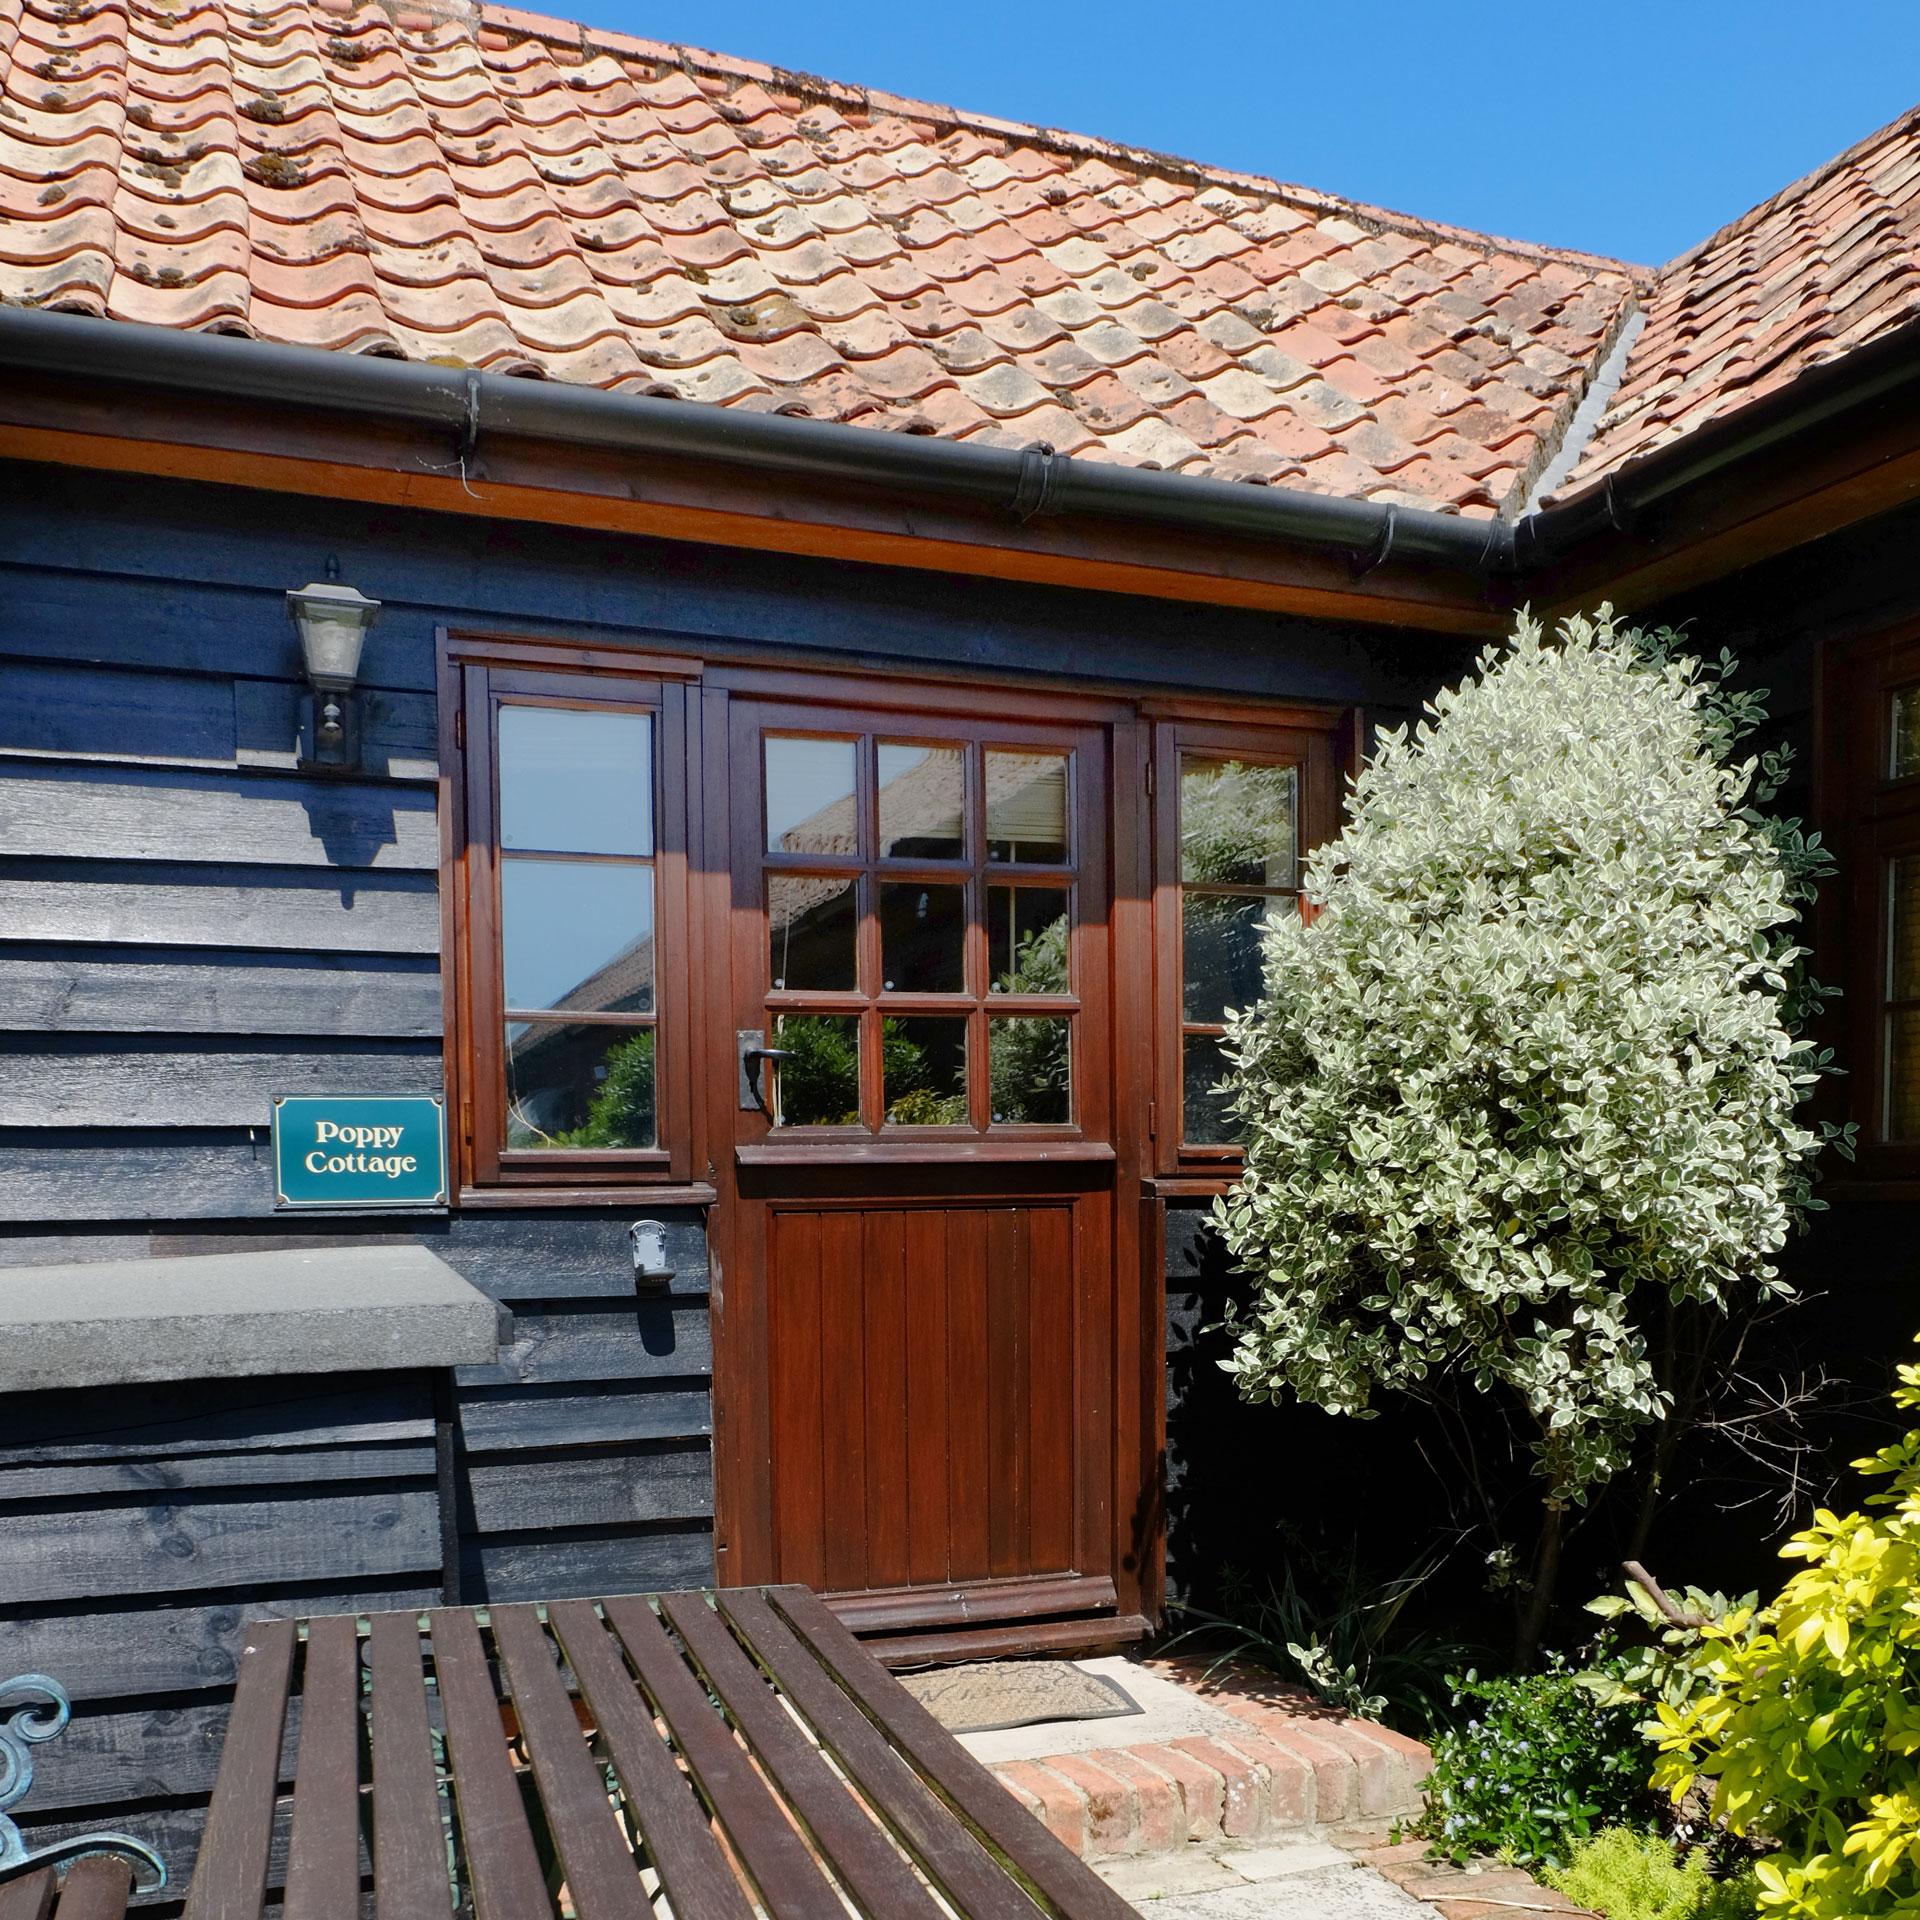 poppy cottage